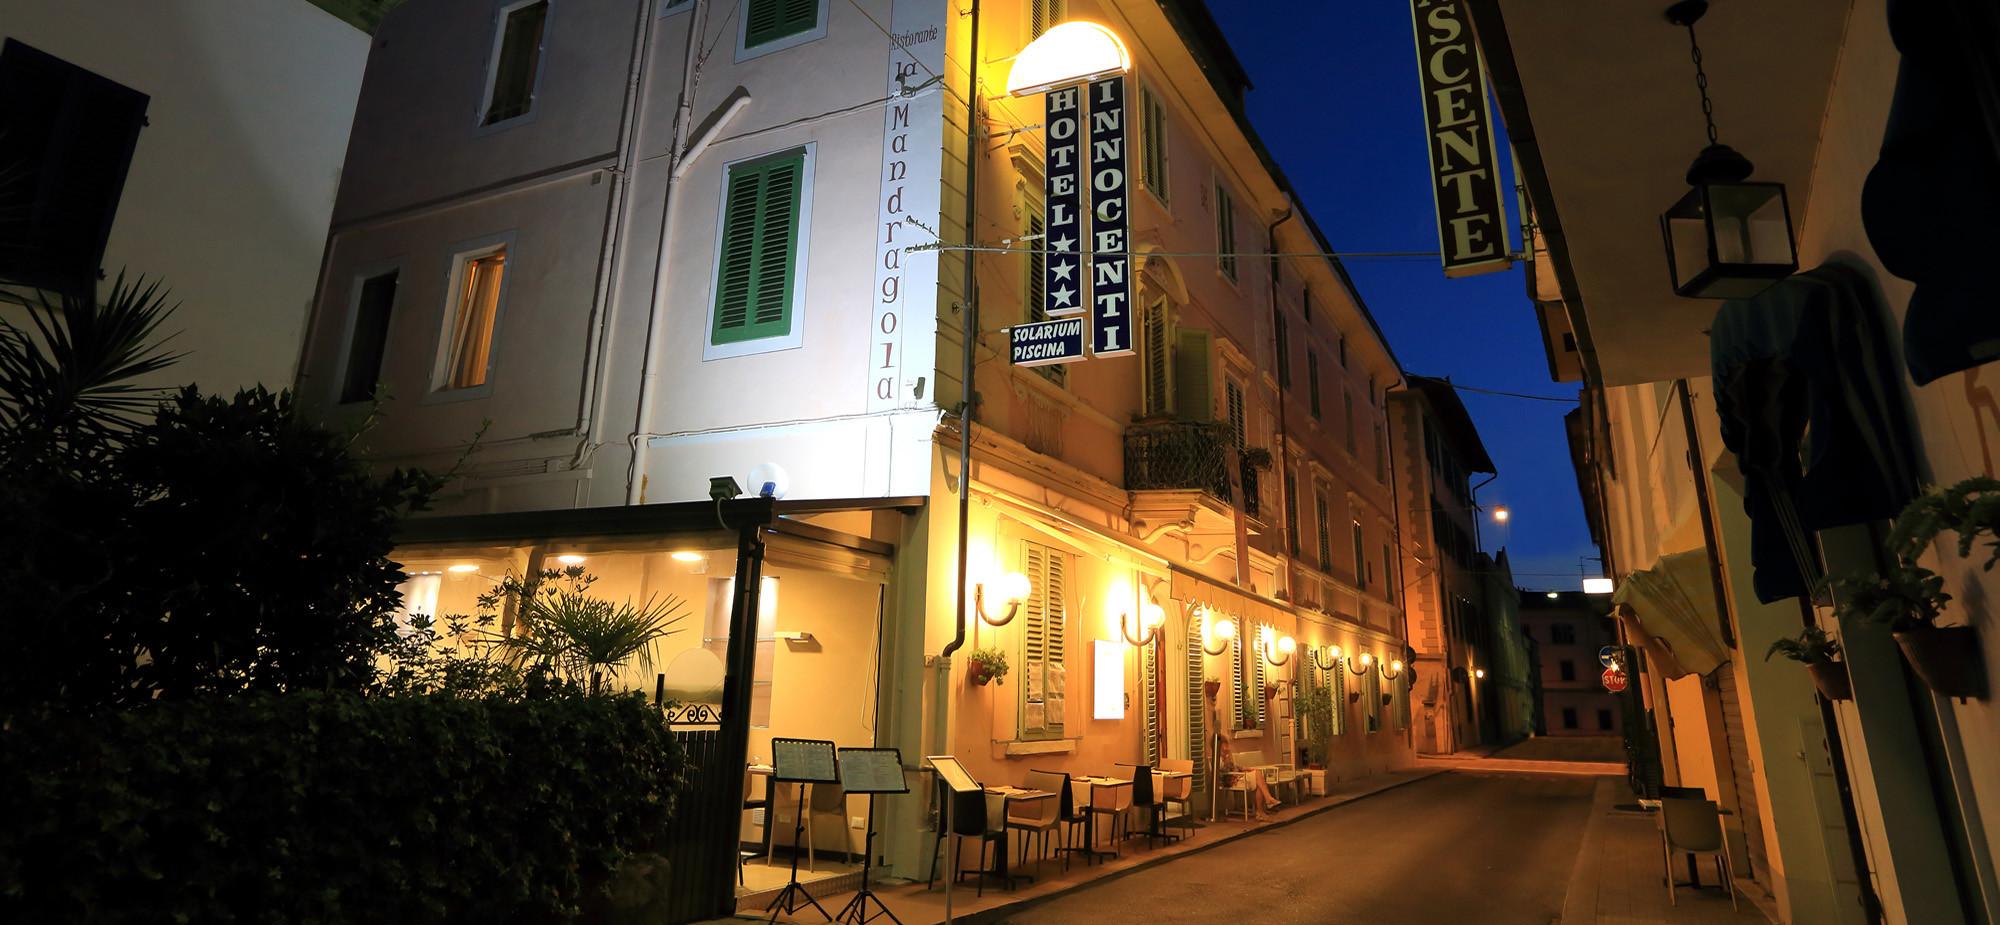 Ristorante La Mandragola & Hotel Innocenti - Slider